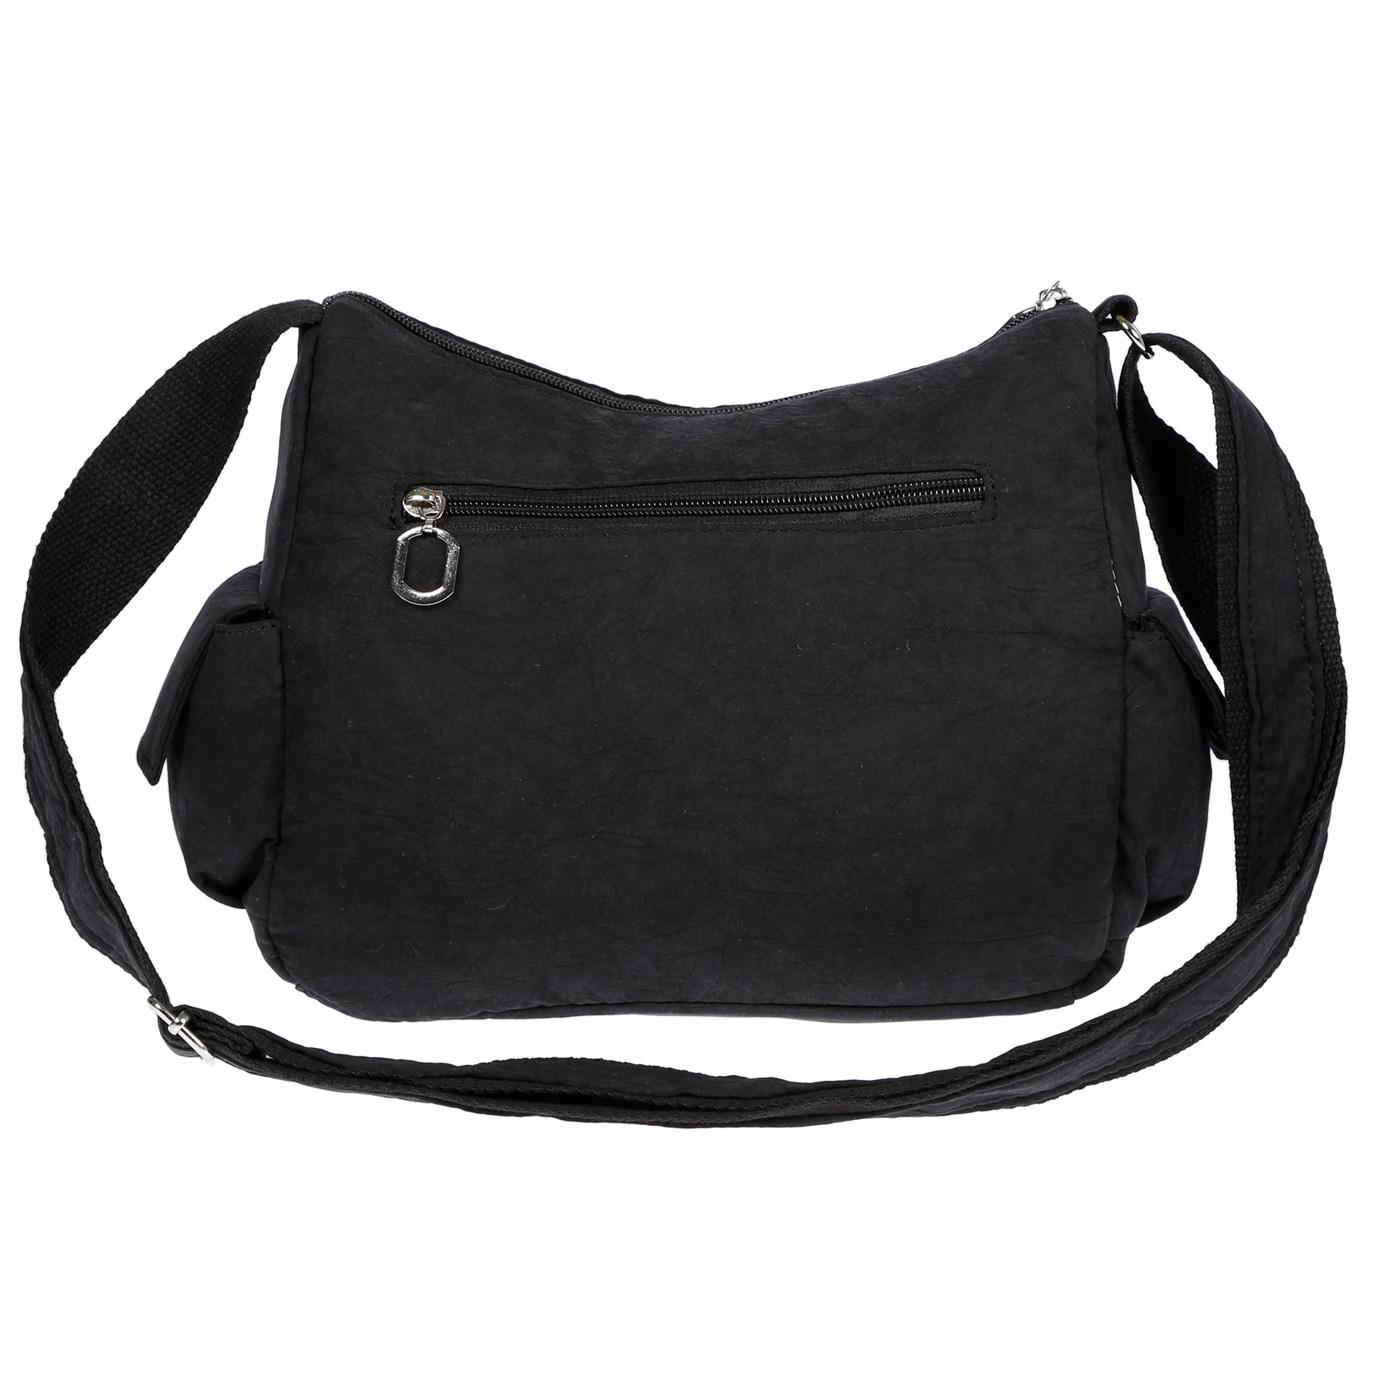 Damenhandtasche-Schultertasche-Tasche-Umhaengetasche-Canvas-Shopper-Crossover-Bag Indexbild 6